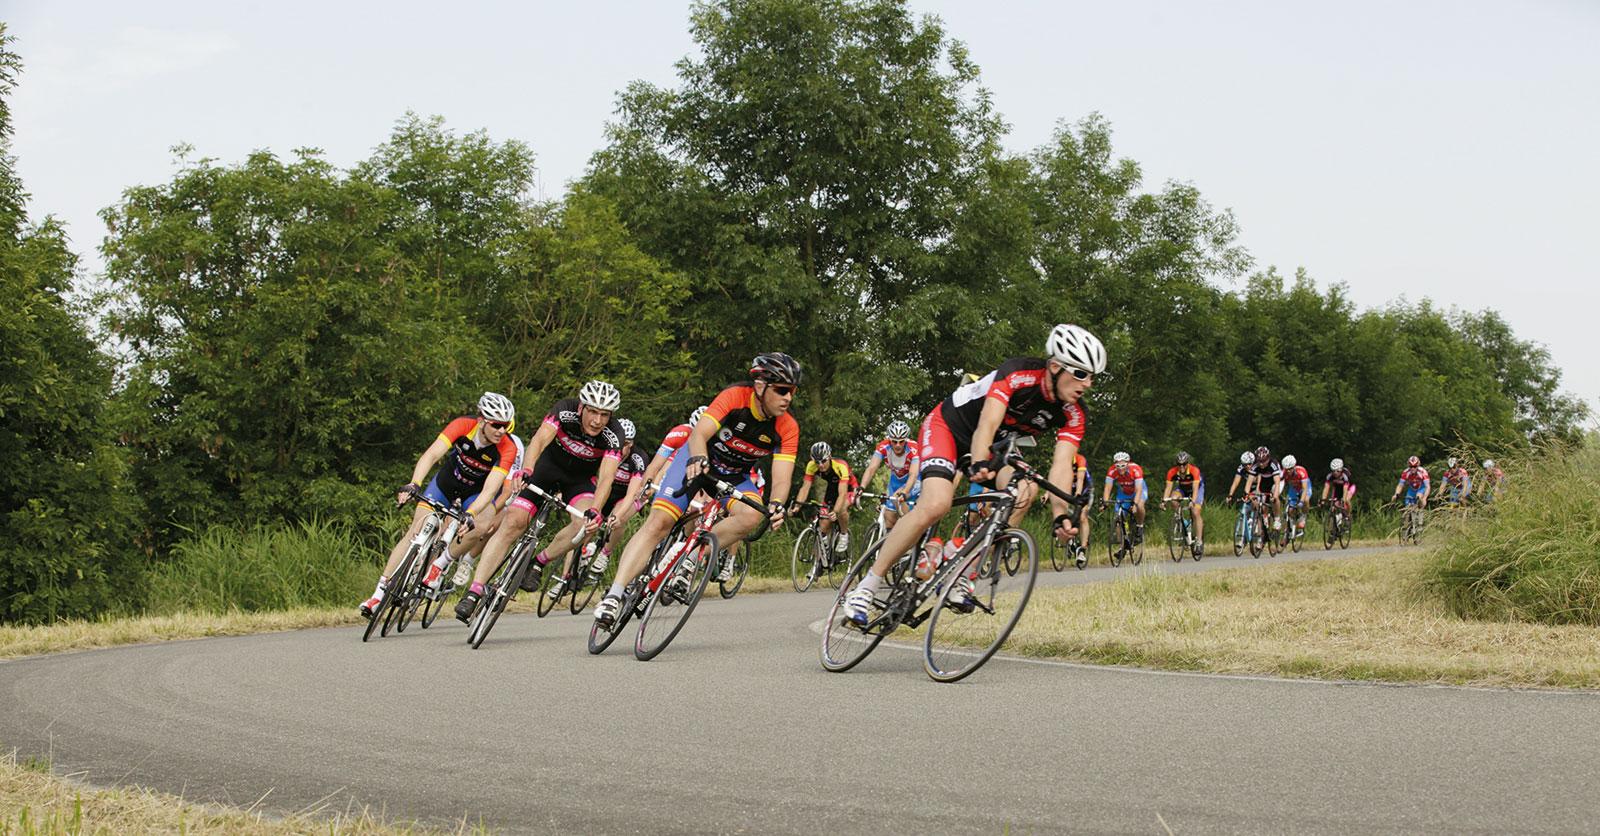 Uitslagen wielrennen: www.wvhetstadion.nl/wegwielrennen